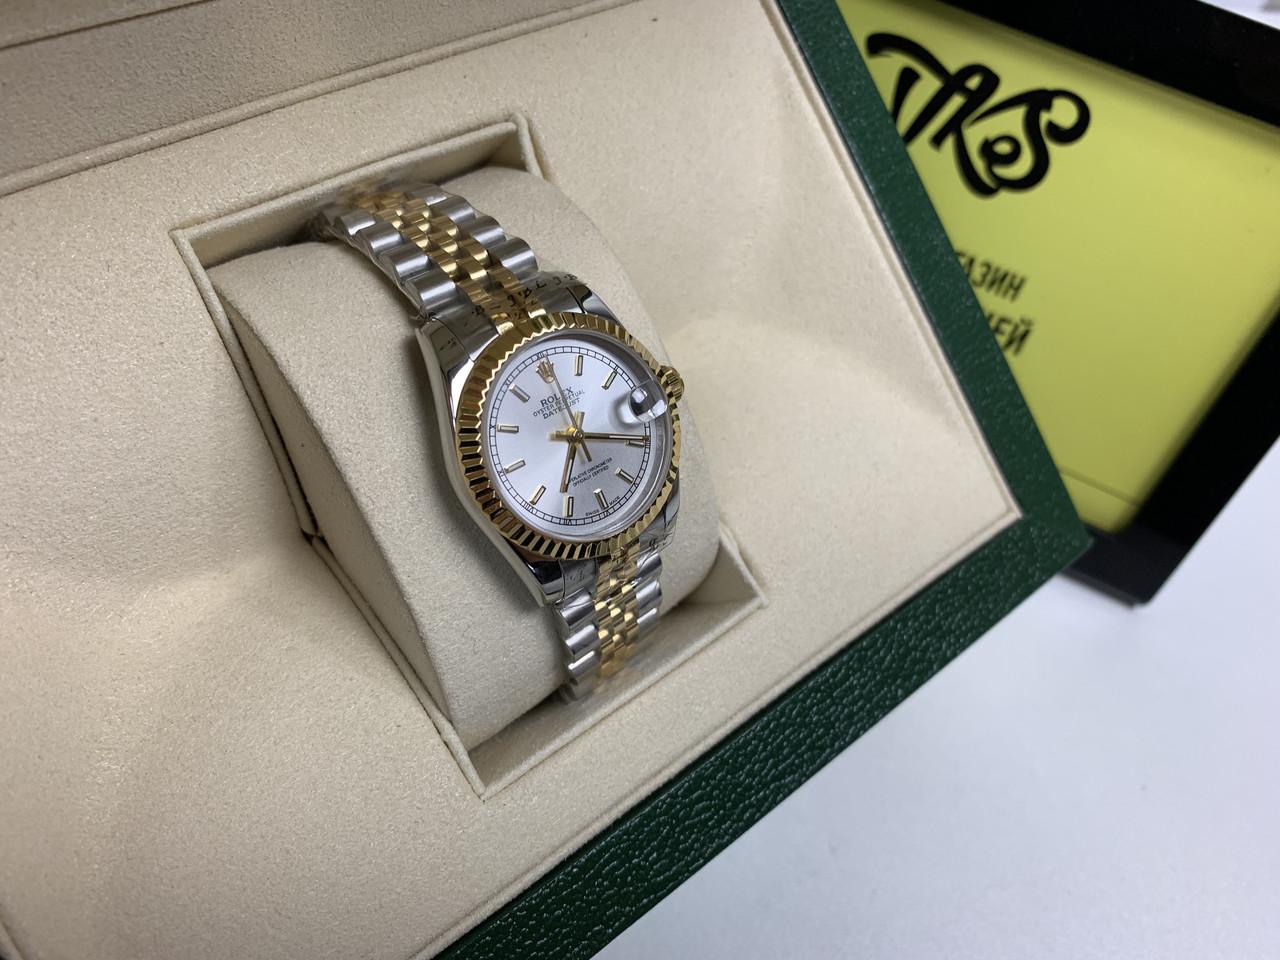 Картинки по запросу Швейцарские часы «Rolex»